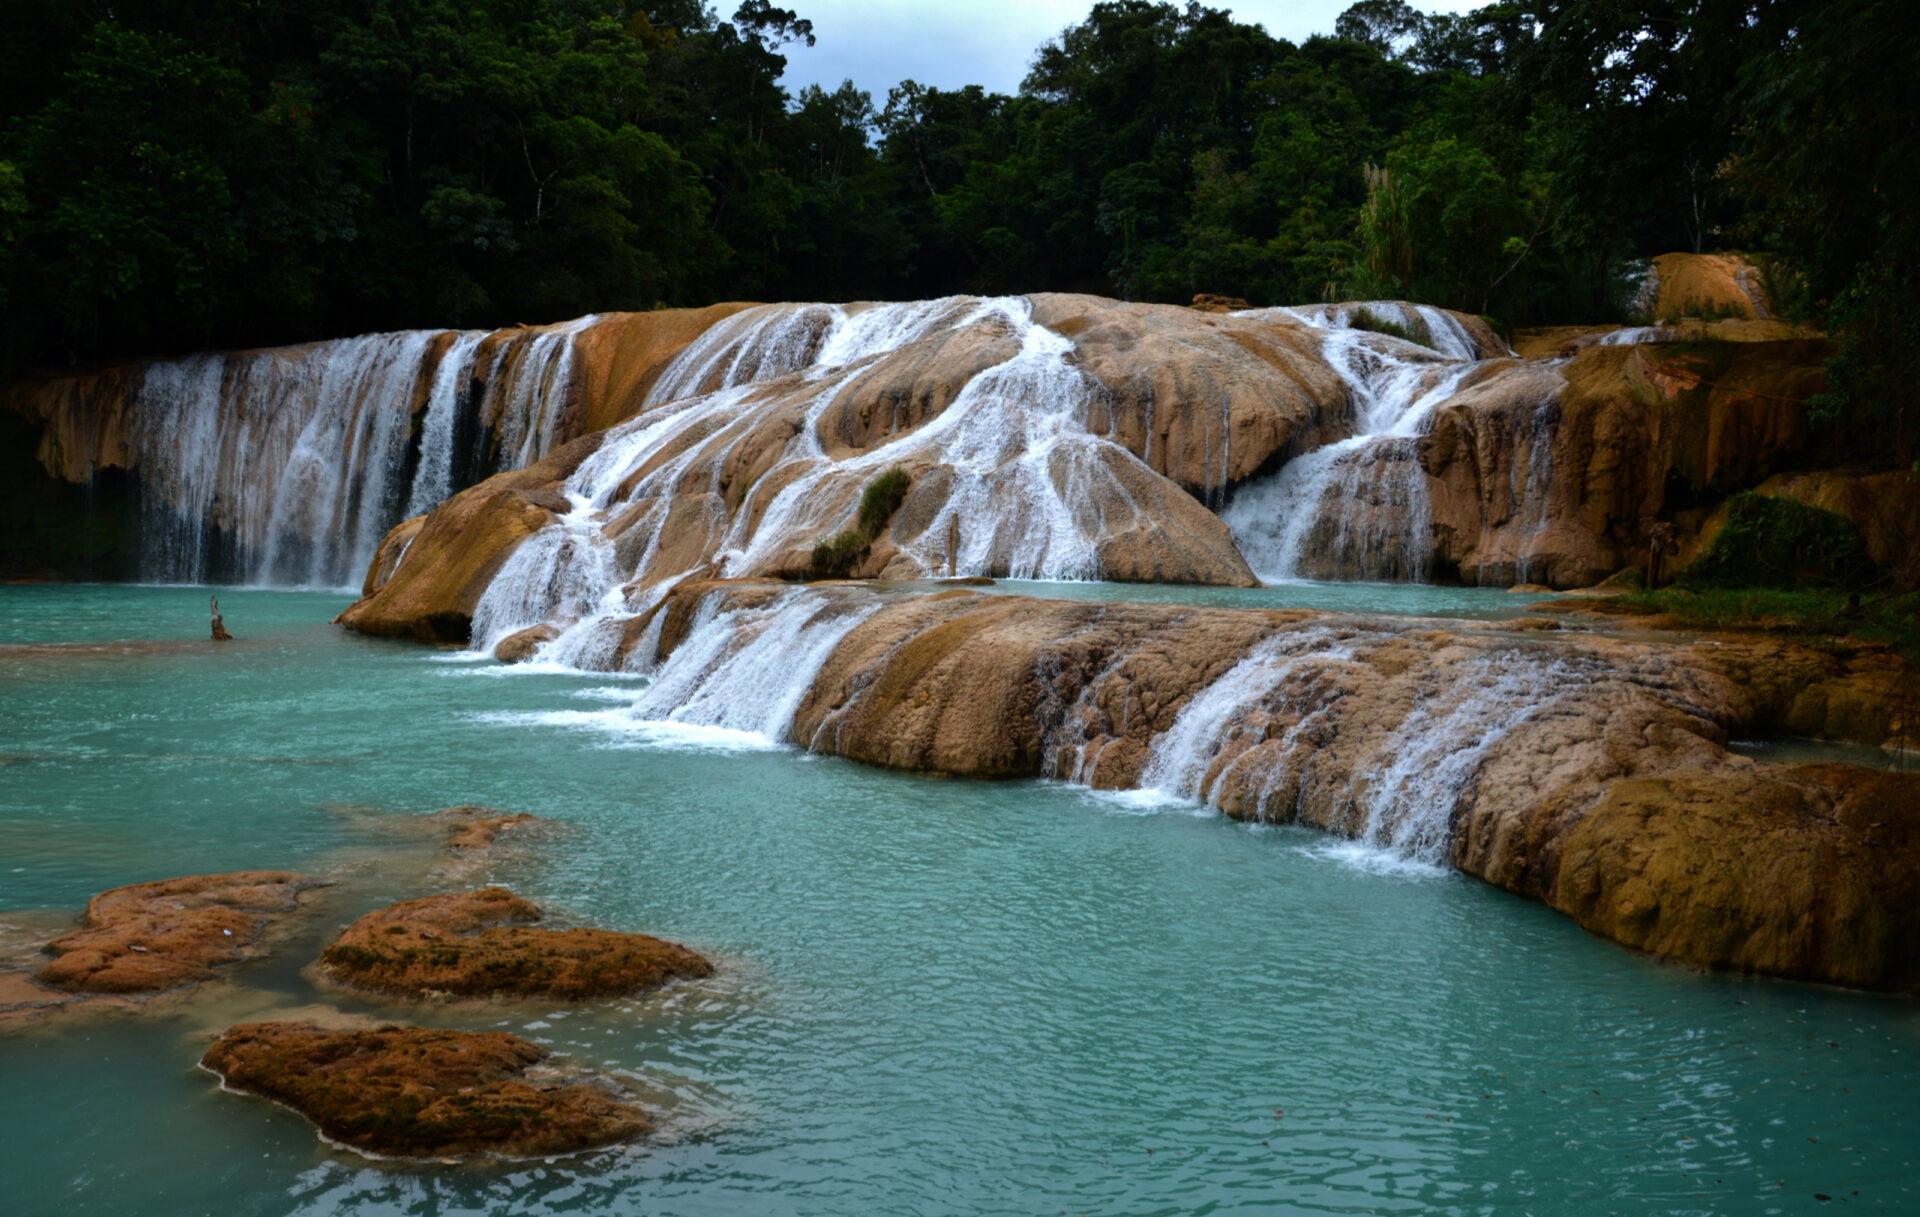 Мексика. Это нетолько майя. Каскад синей воды.